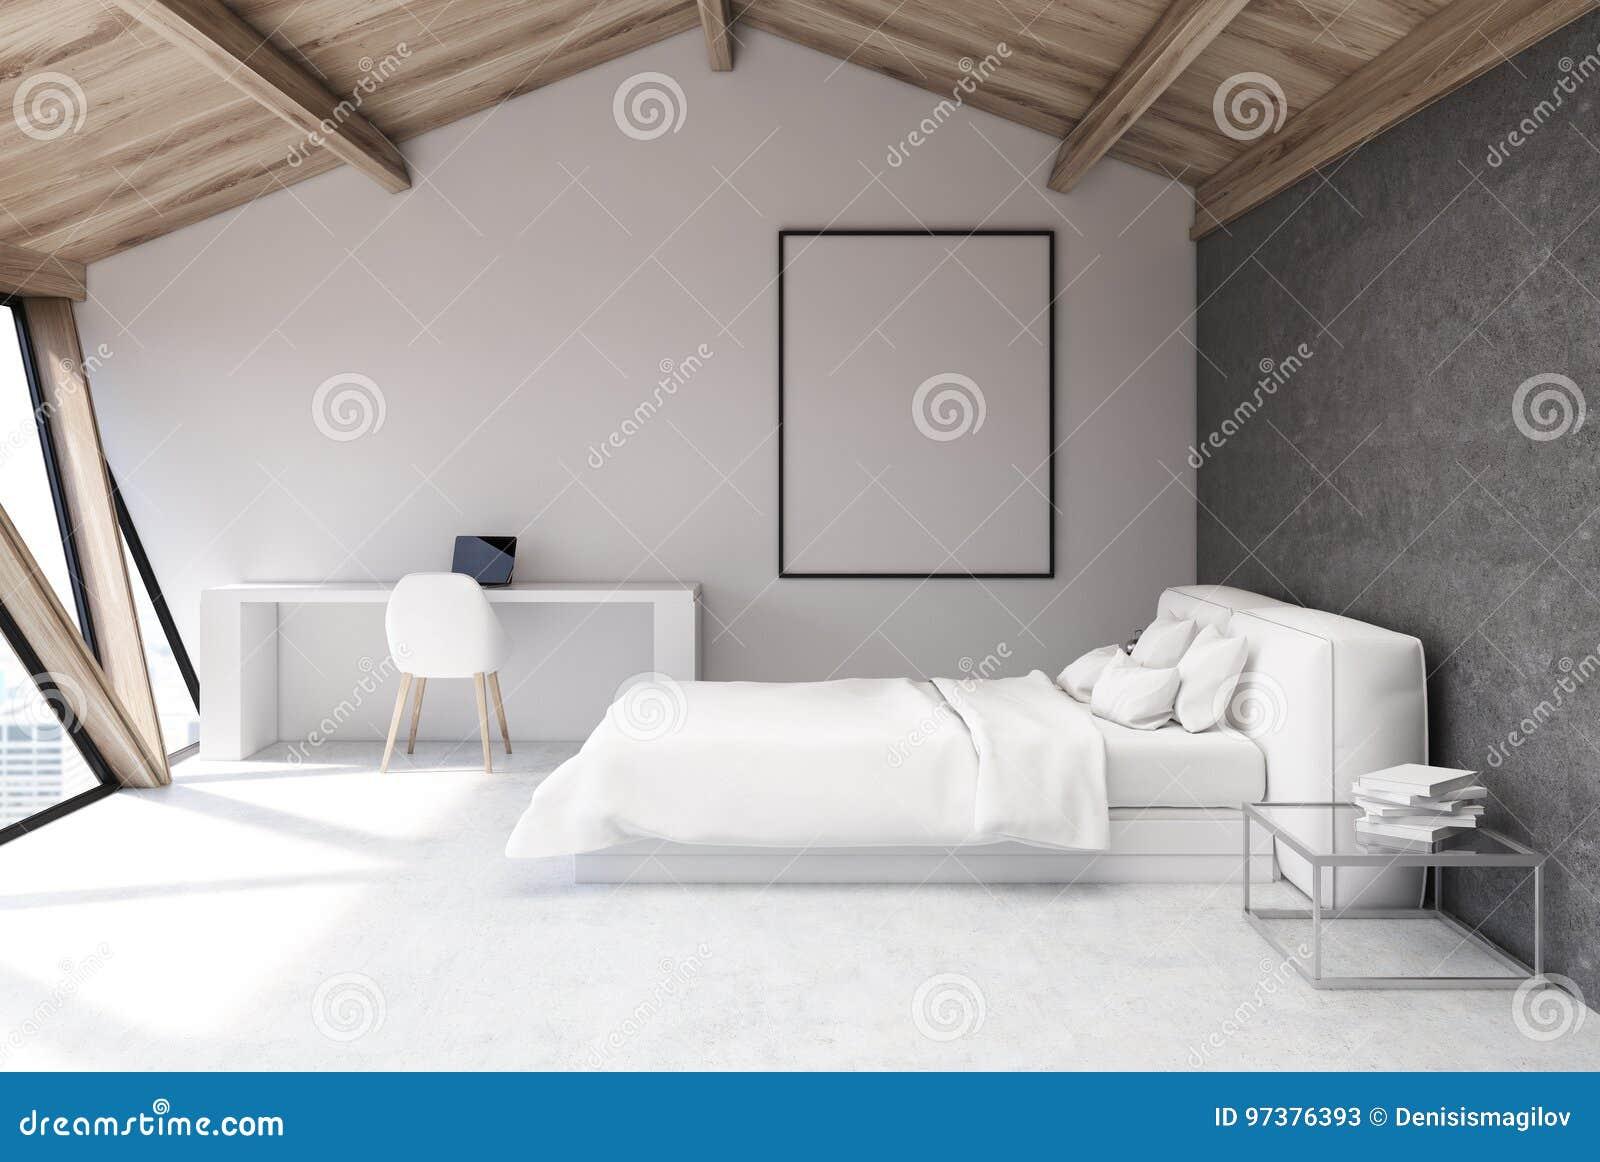 Fußboden Für Schlafzimmer ~ Weißes schlafzimmer in einem dachboden plakat stock abbildung